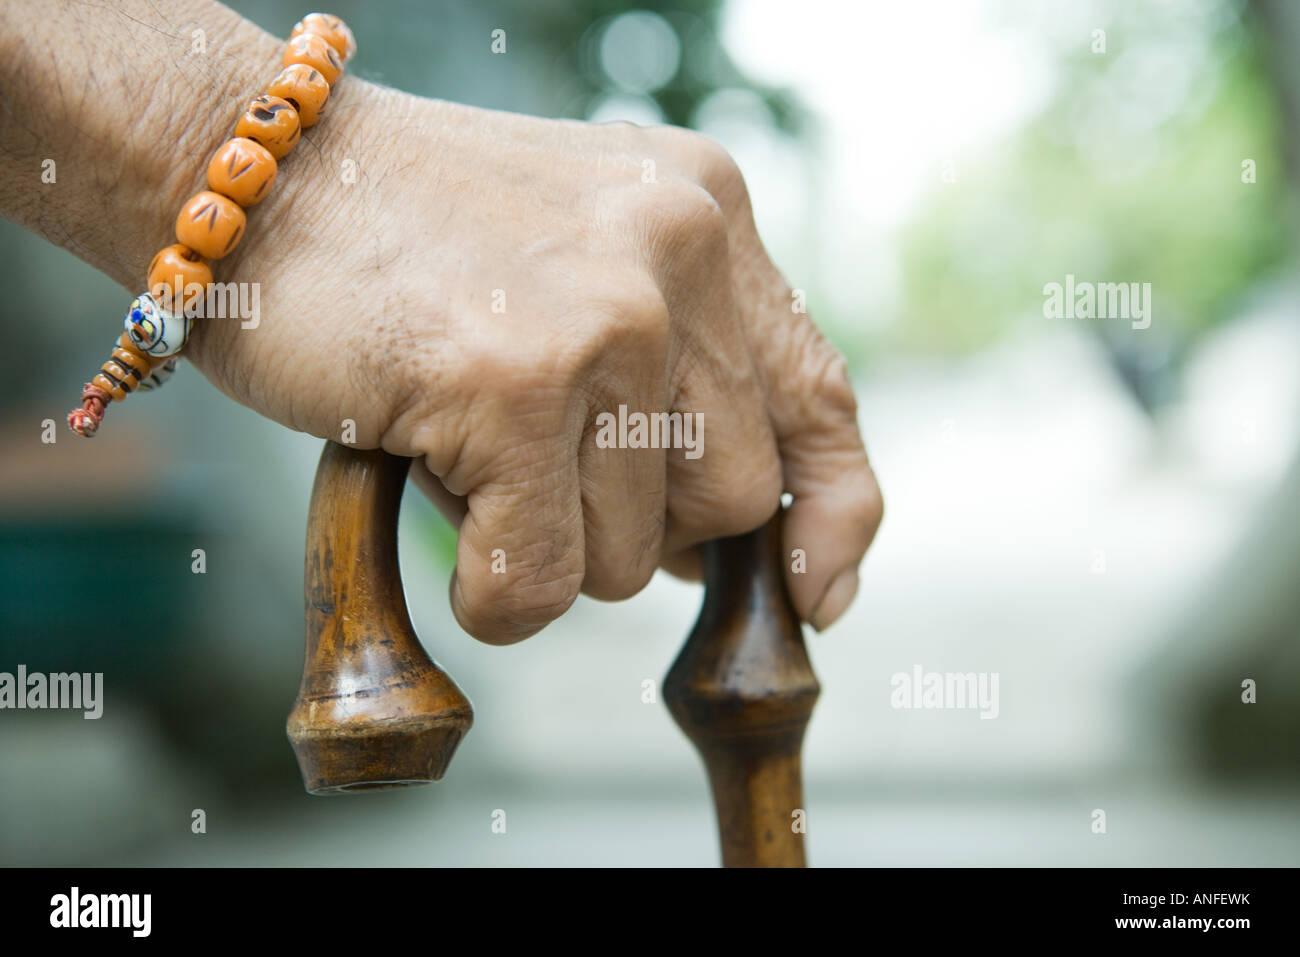 Ältere Mann Betrieb Zuckerrohr, close-up von hand Stockbild